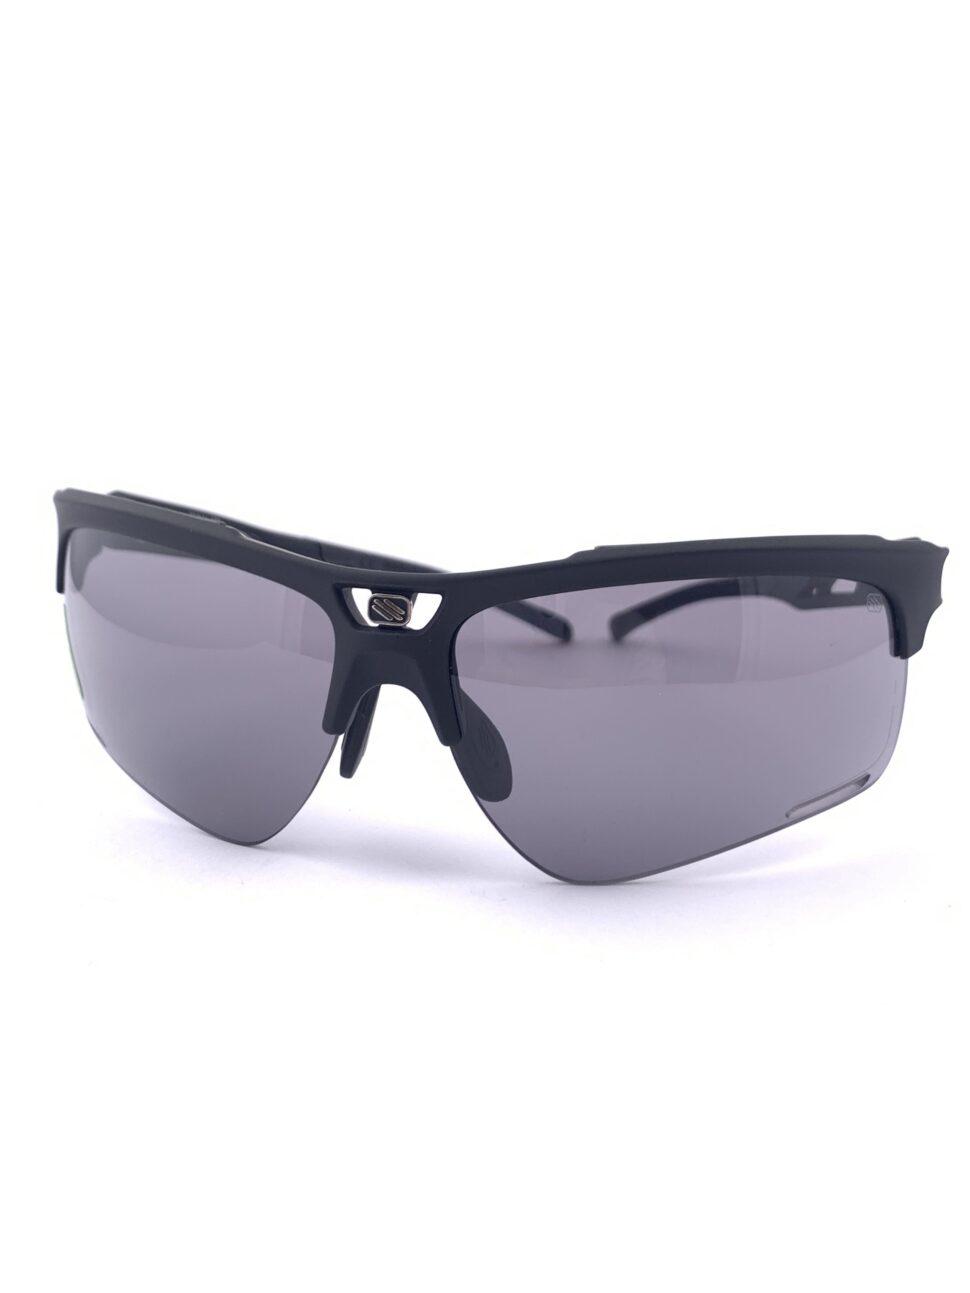 Cyklistické okuliare Keyblade čierne